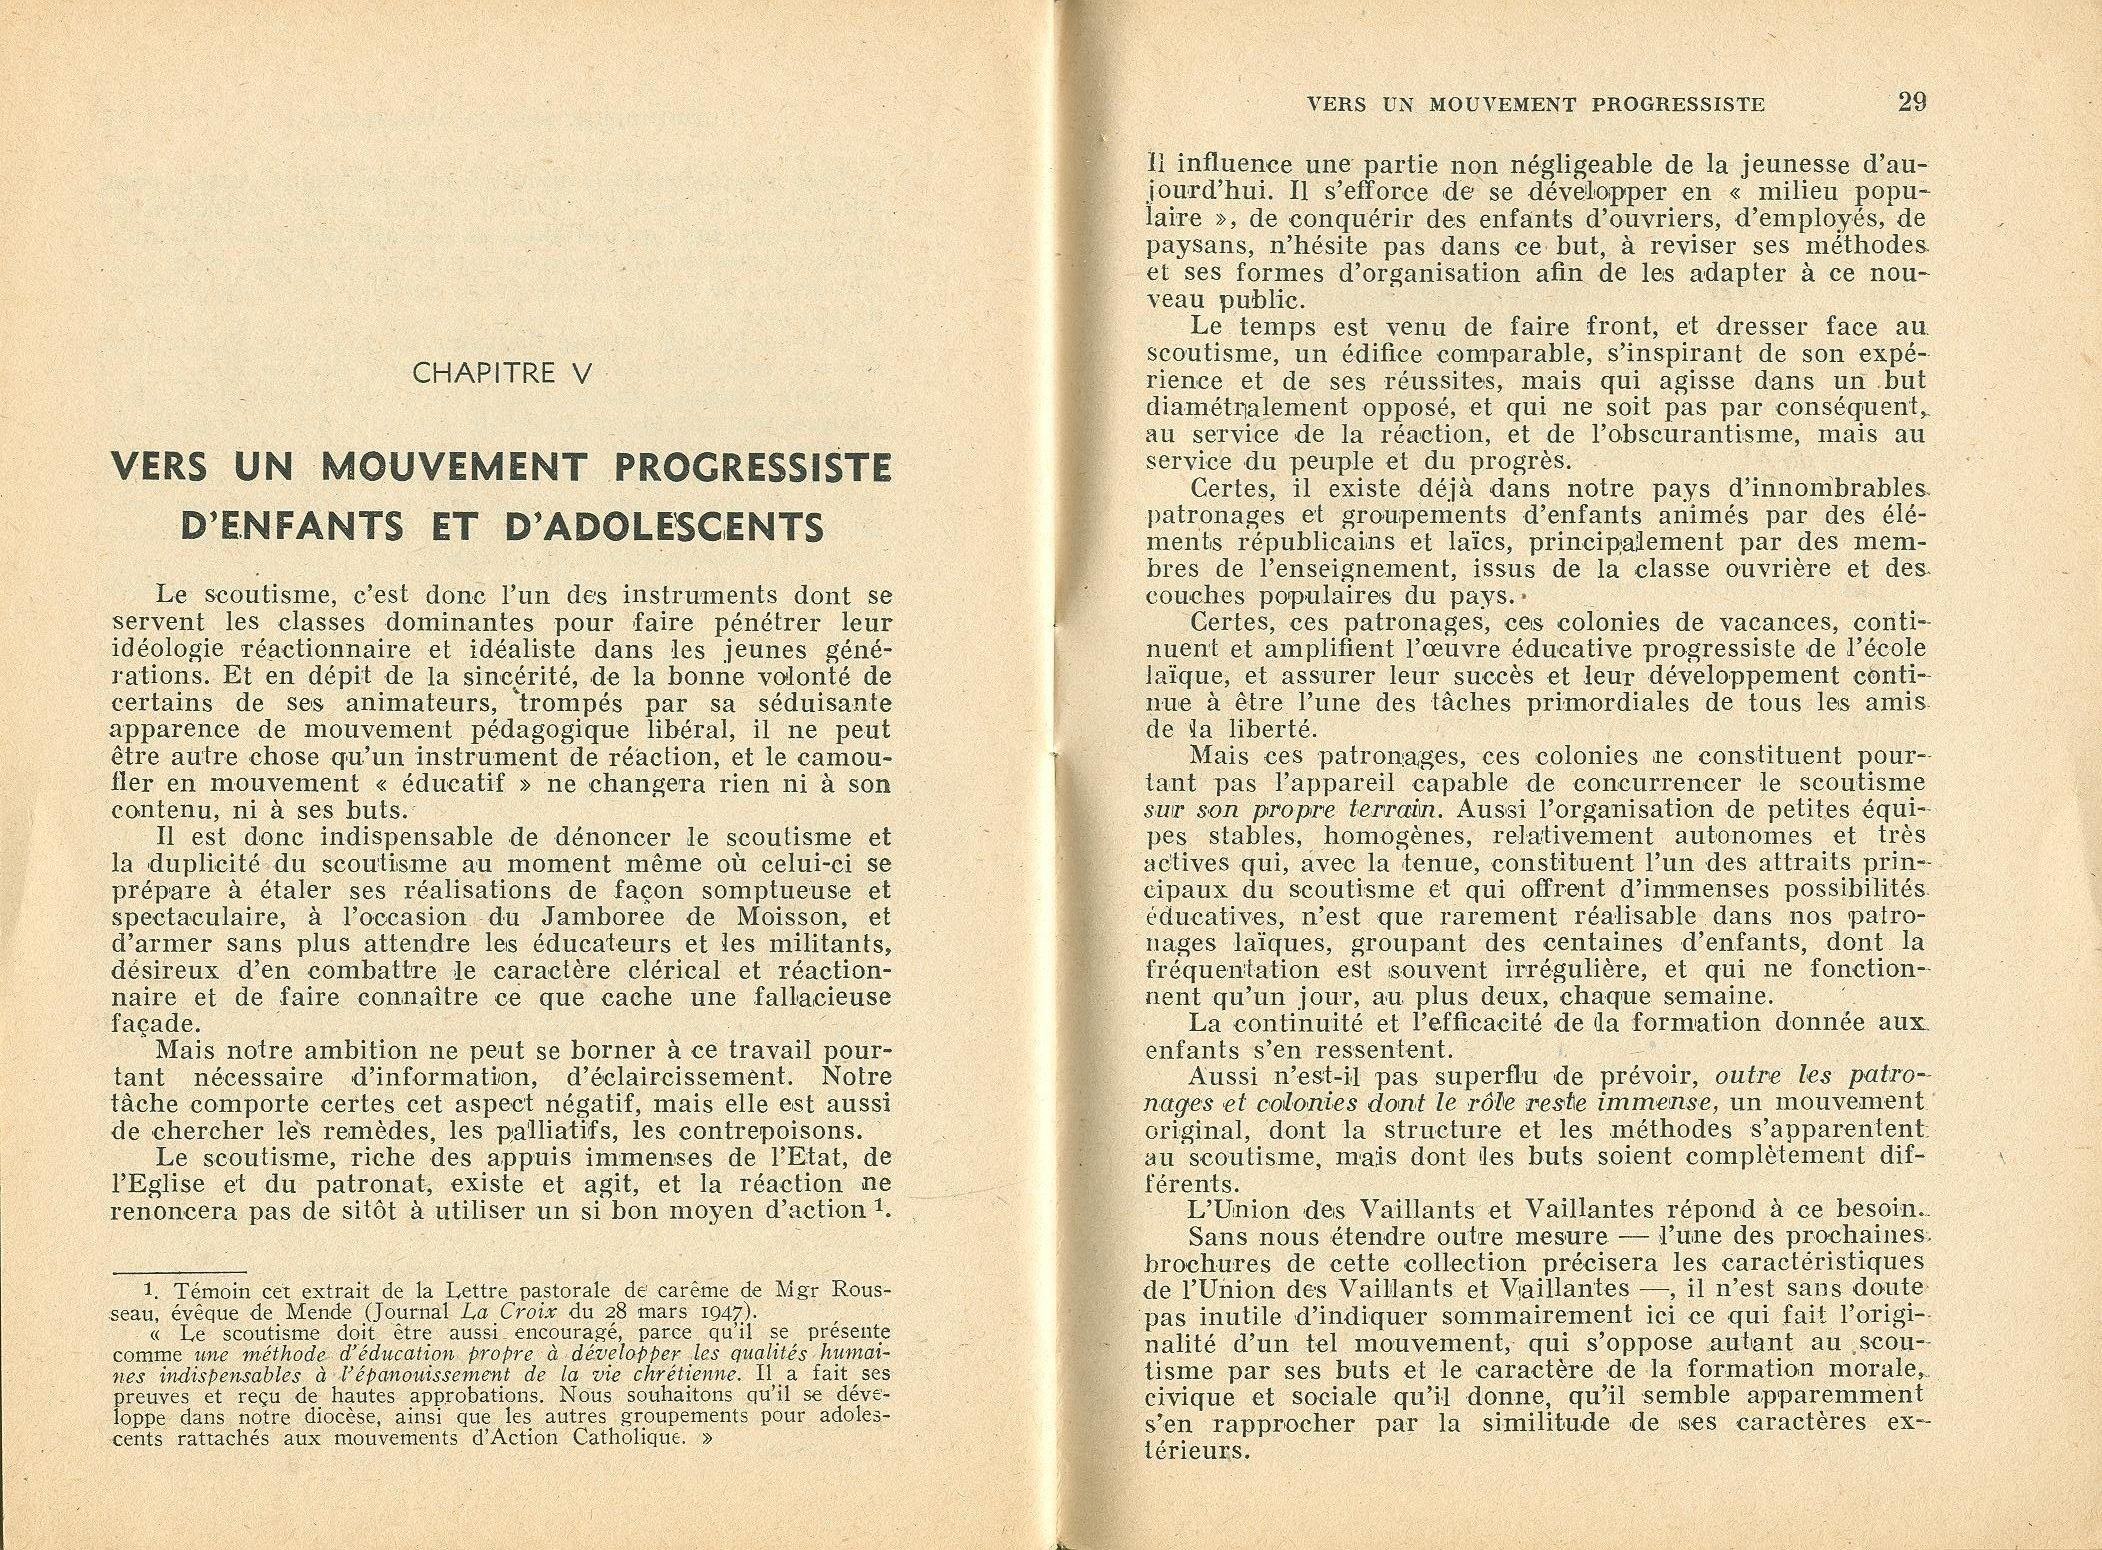 La duperie du scoutisme - pag. 16